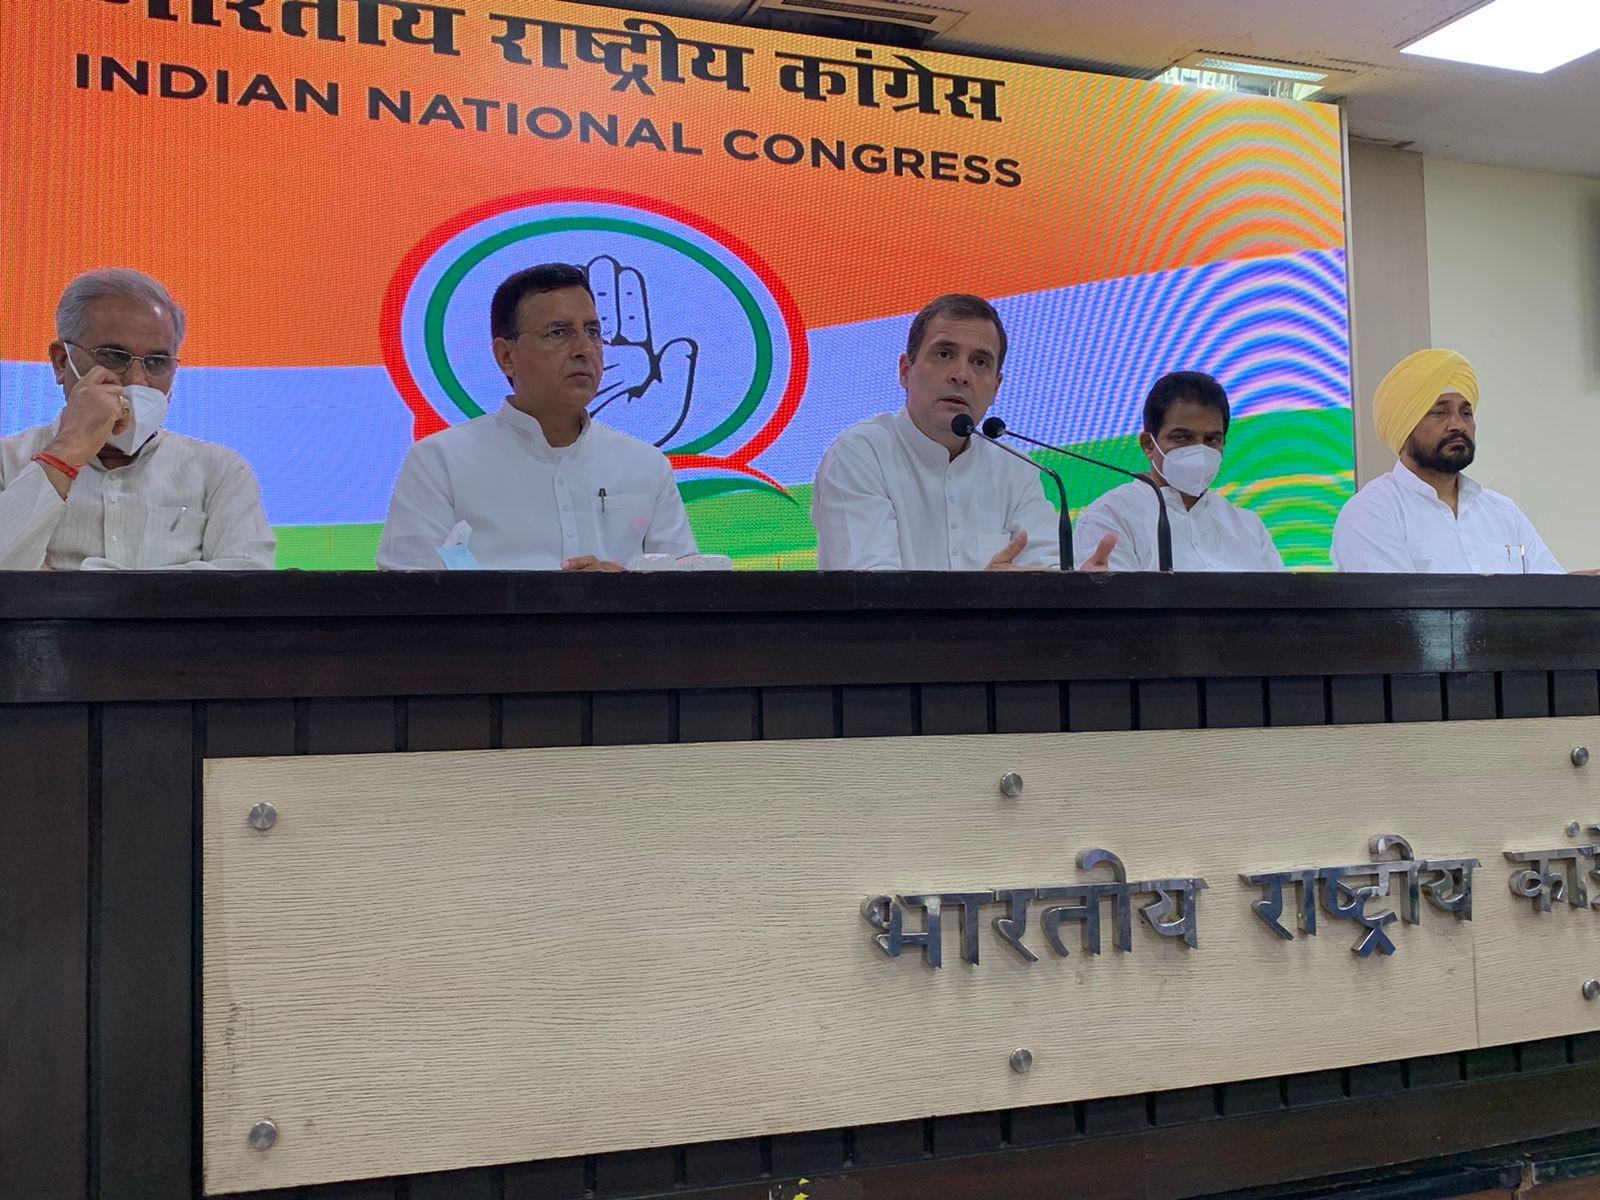 प्रेस कॉन्फ्रेंस के दौरान राहुल गांधी के साथ मंच पर छत्तीसगढ़ के CM भूपेश बघेल और पंजाब के CM चरणजीत चन्नी मौजूद थे। बघेल पिछड़े समुदाय से हैं और चन्नी दलित समुदाय से। ऐसे में राहुल के साथ उनकी मौजूदगी को लेकर कई कयास लगाए जा रहे हैं। माना जा रहा है कि राहुल ने ये मैसेज देने की कोशिश की है कि वे पिछड़े और दलितों को साथ लेकर चलते हैं।